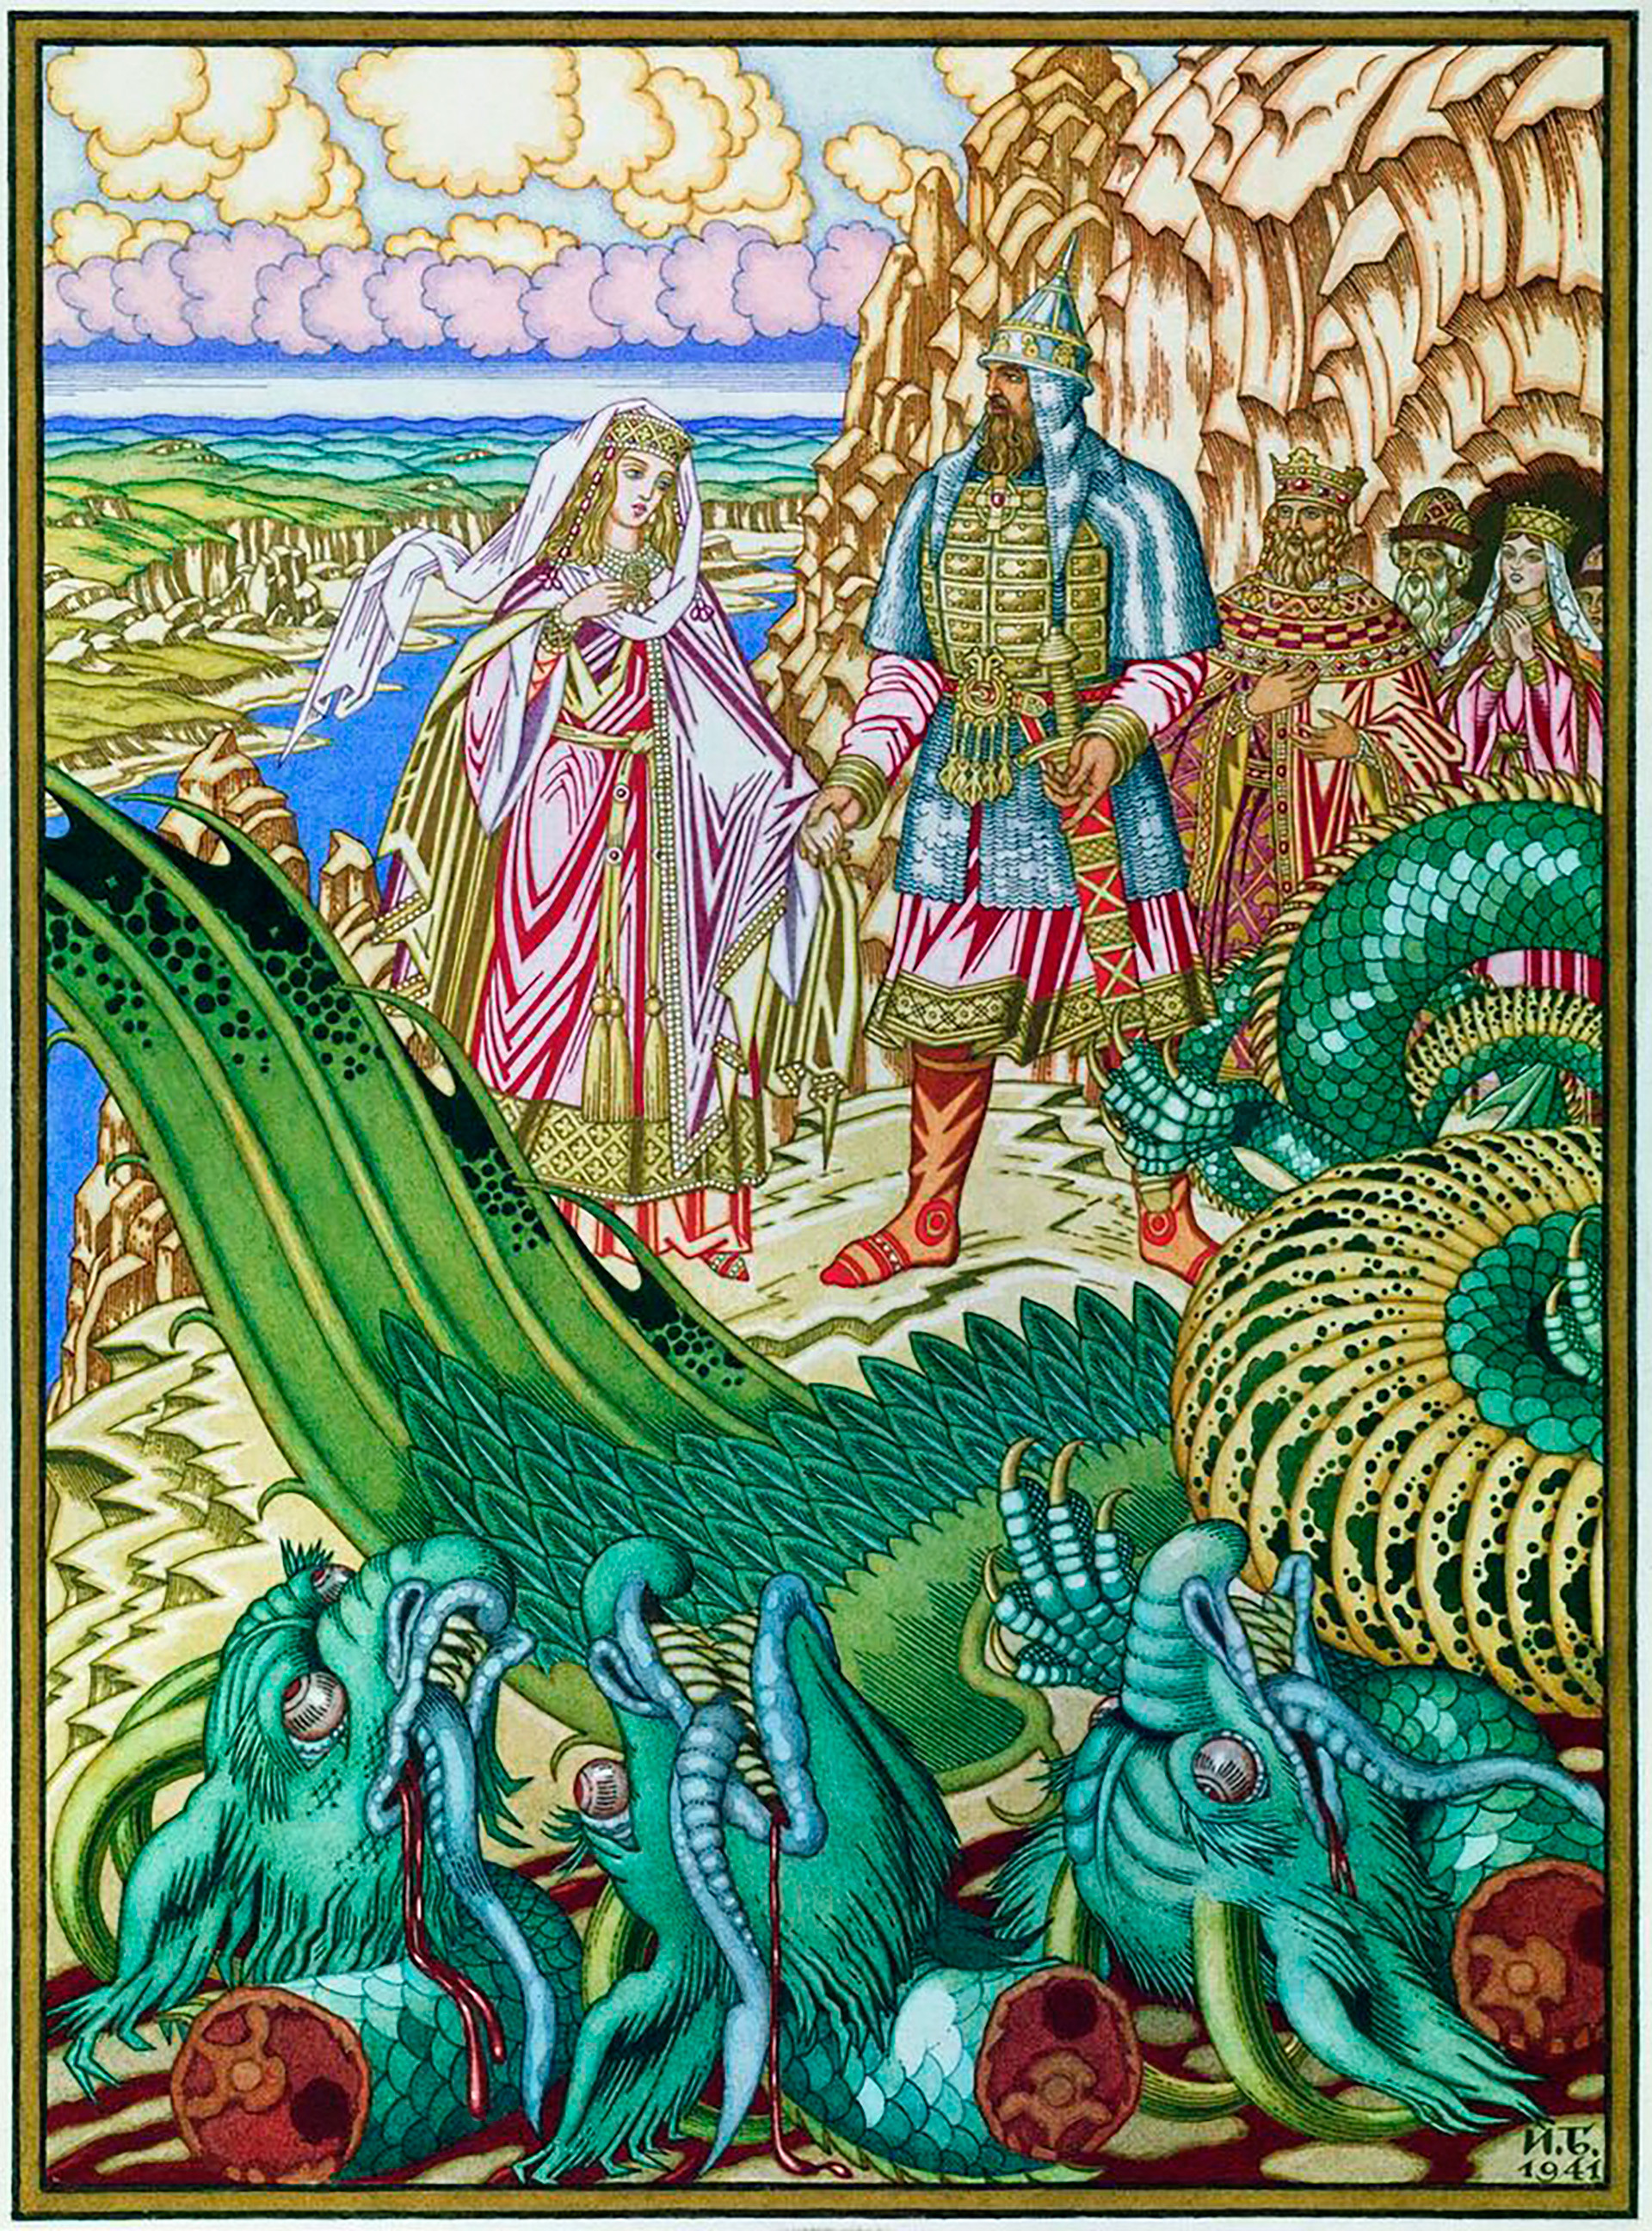 Ivan Bilibin. Dobrynya Nikitich set Zabava Putyatichna free from Zmey Gorynych. An illustration for fairy tales collection by N.V. Vodovozov